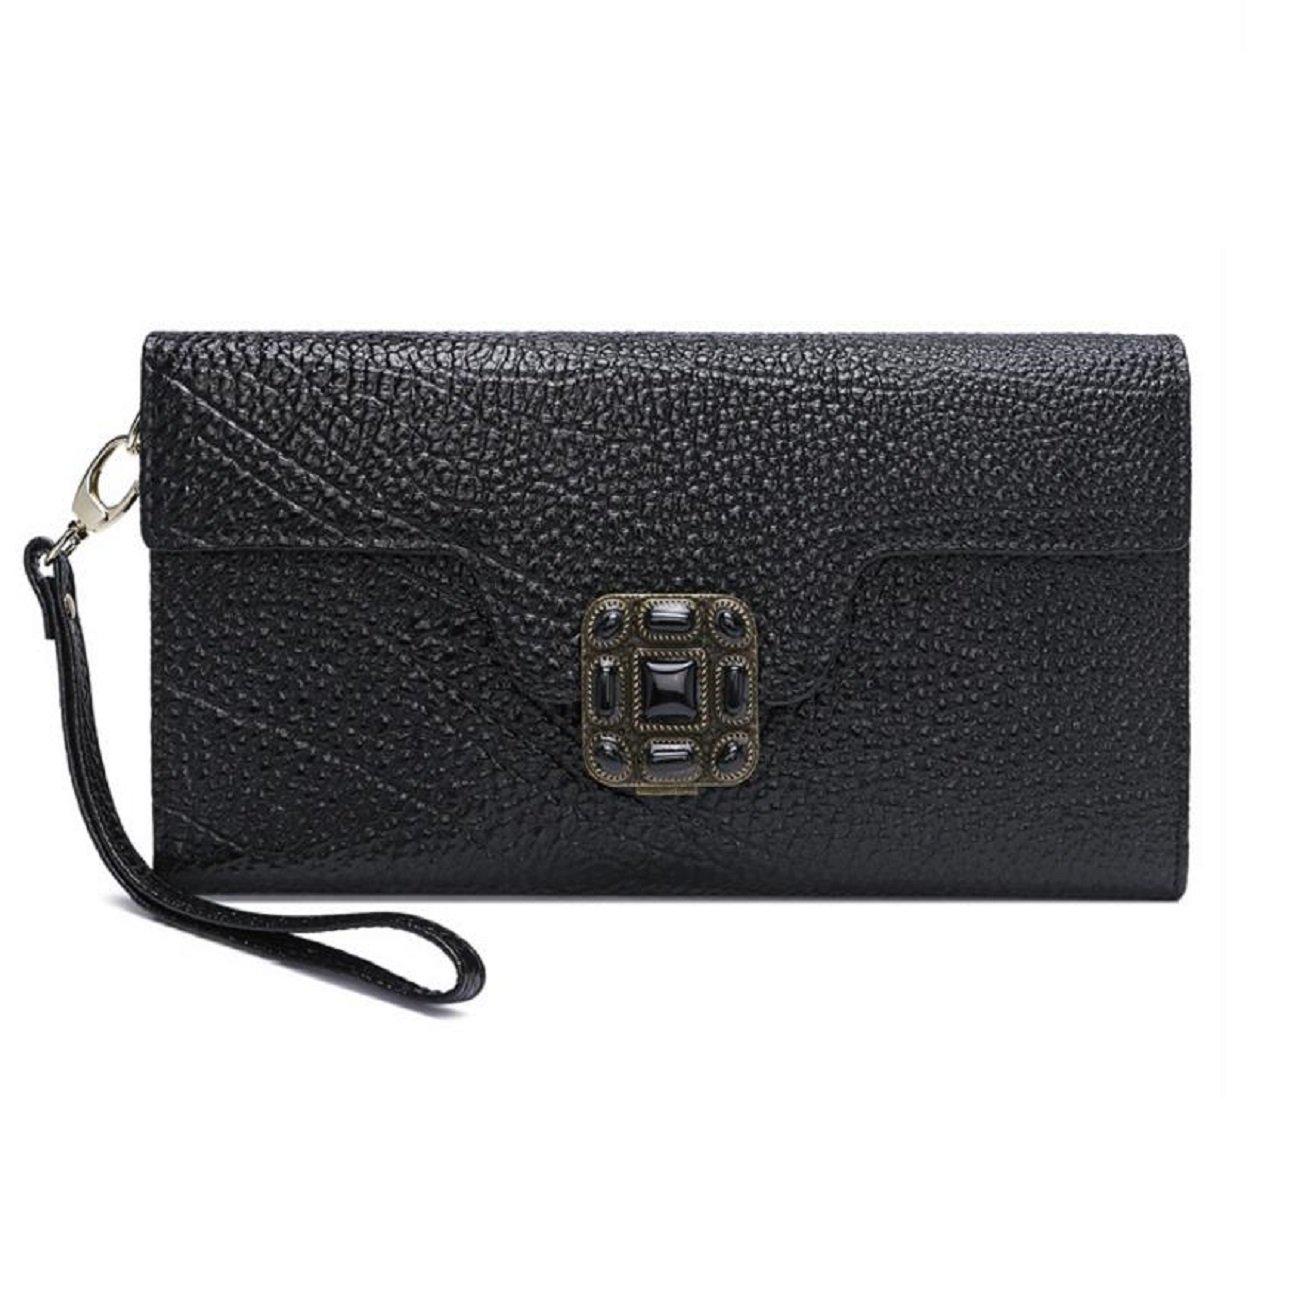 QueenLifeArt Handbags For Women On Sale Designer Queen Life Tote Bags Handbag Woman's (BLACK)